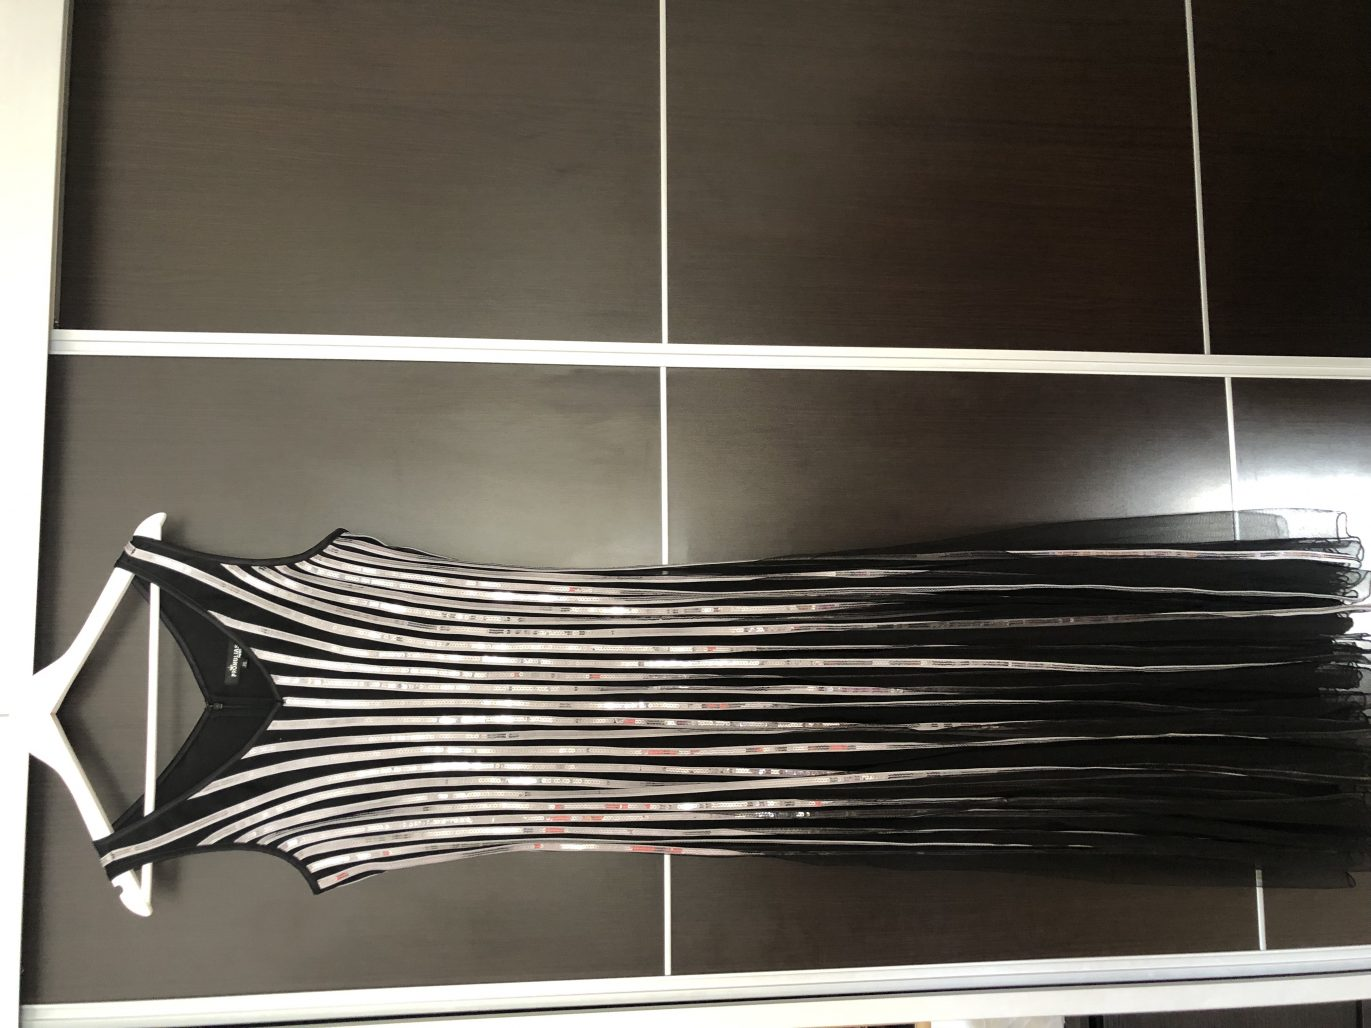 תמונות נוספות של שמלת ערב תוצרת צרפת